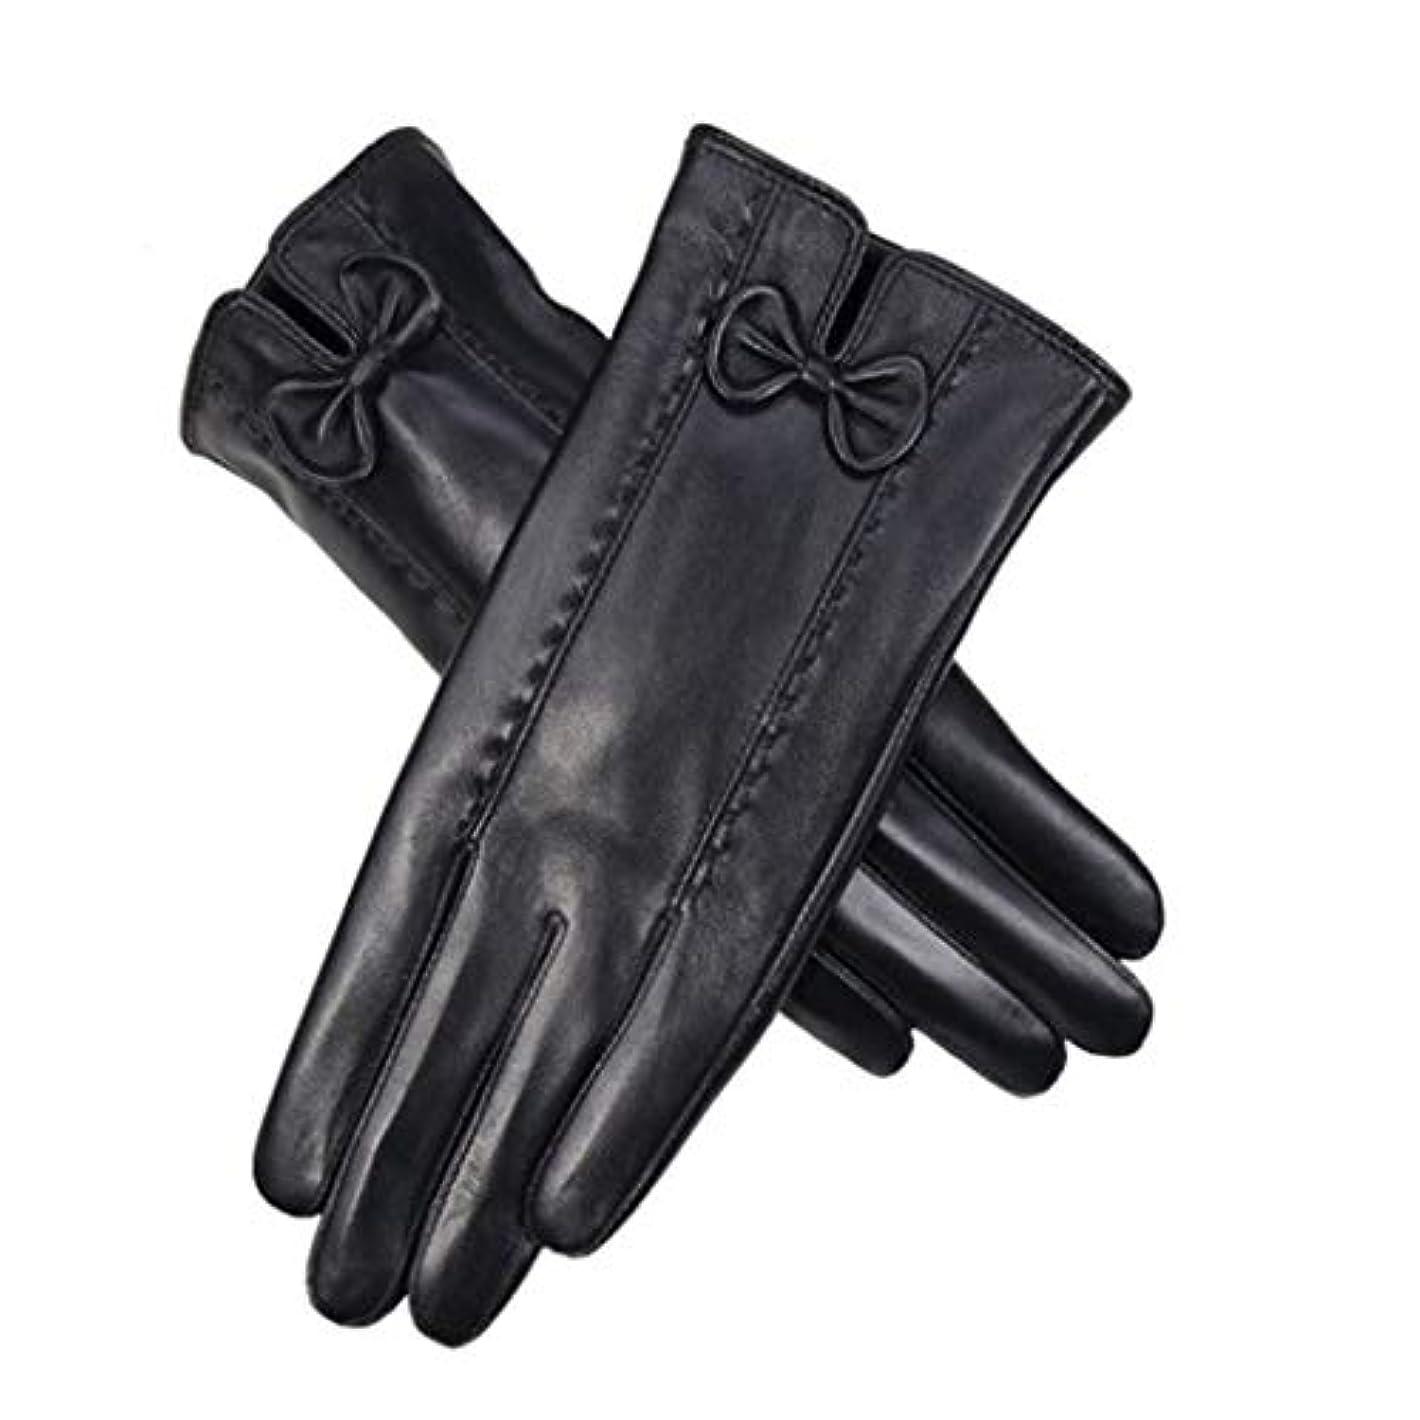 コンプライアンスホーム拒絶女性の綿手袋冬プラス車の屋外サイクリング冷たい女性のタッチスクリーン手袋の厚い暖かい韓国語バージョン